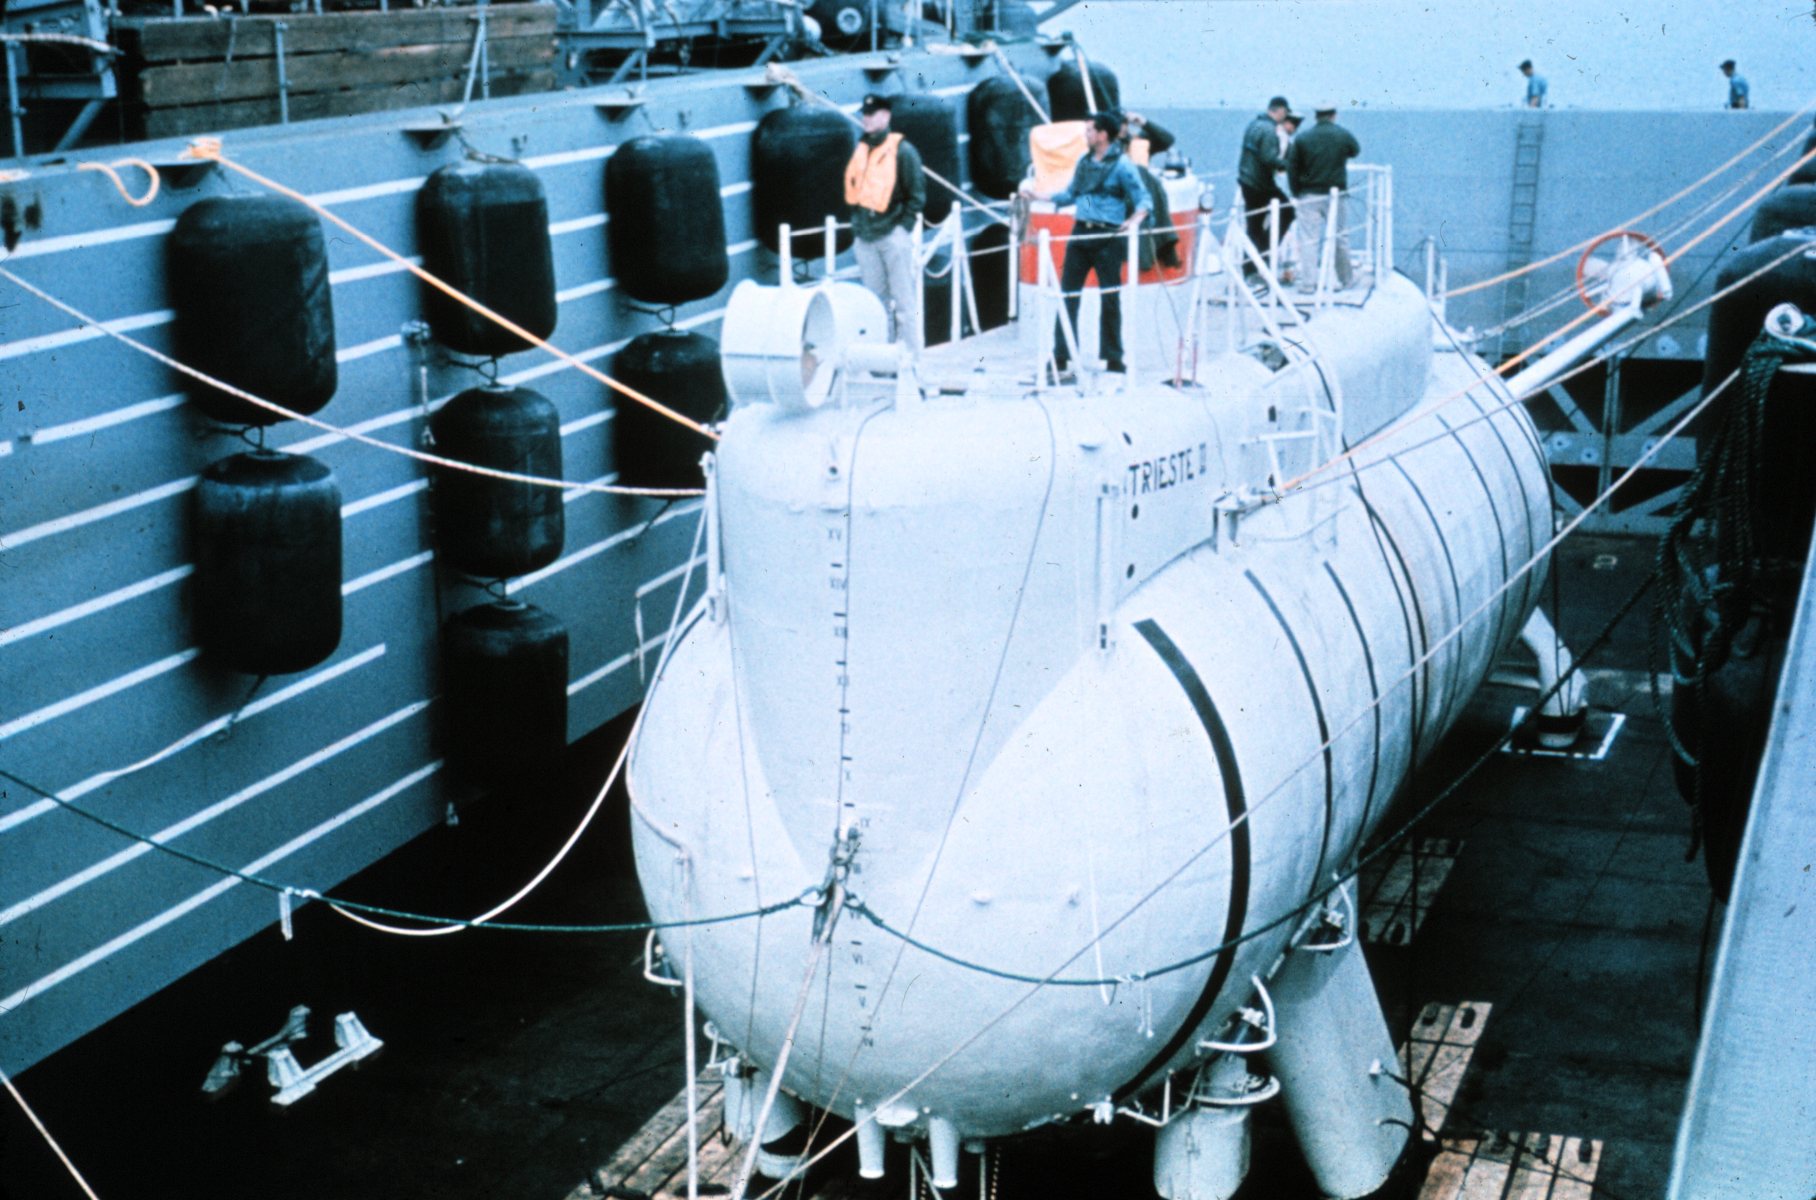 barellieri trieste submarine - photo#19